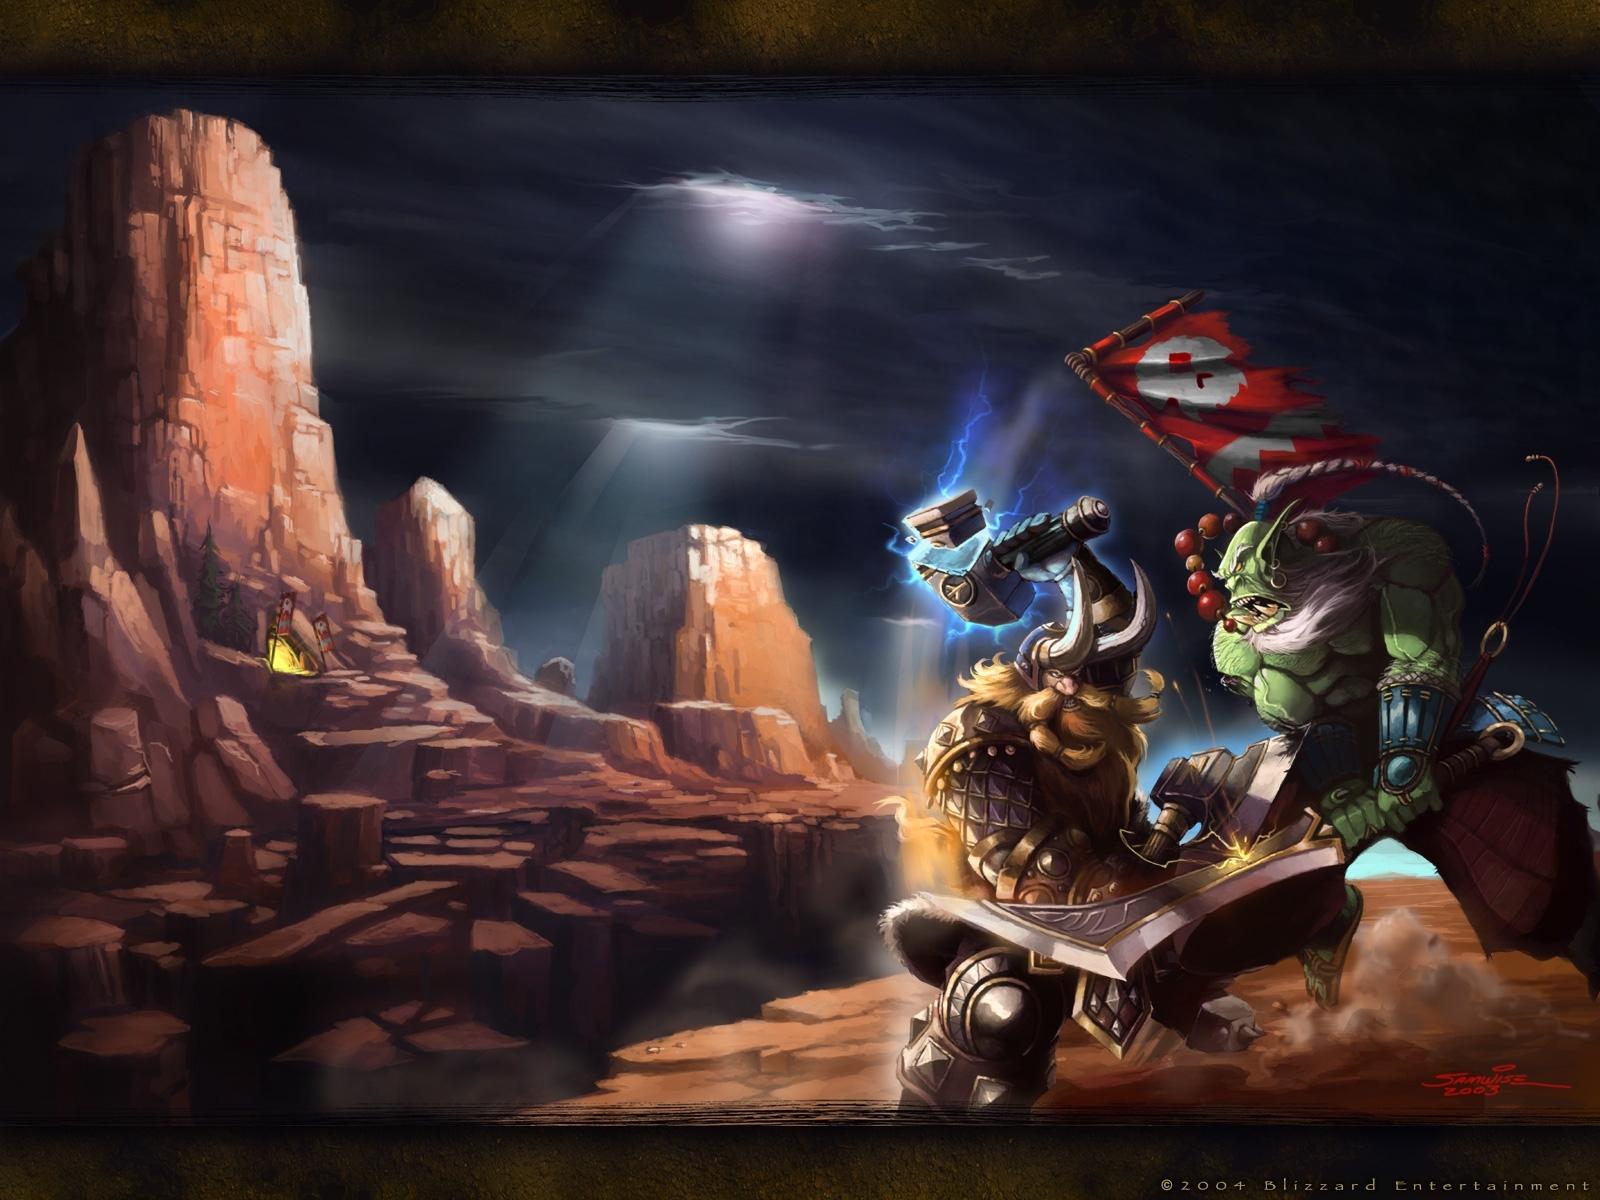 5842 descargar fondo de pantalla Juegos, Imágenes, Warcraft: protectores de pantalla e imágenes gratis